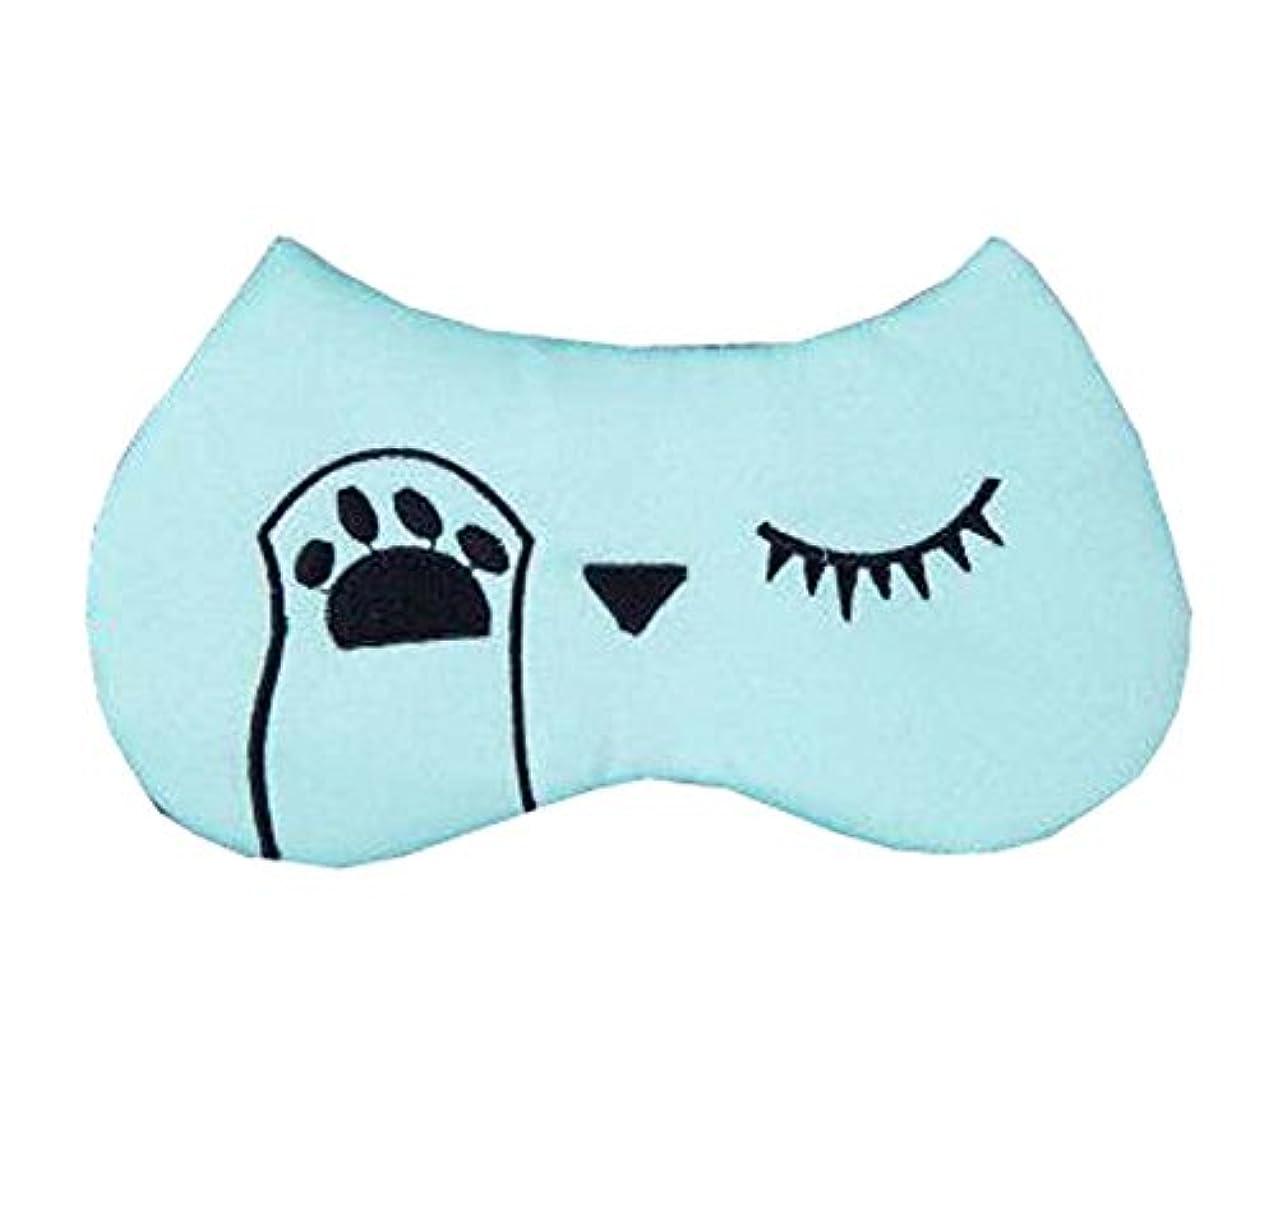 検証魔術ミュウミュウおかしい目のパターンアイマスクトラベルアイマスク睡眠マスク、ブルー